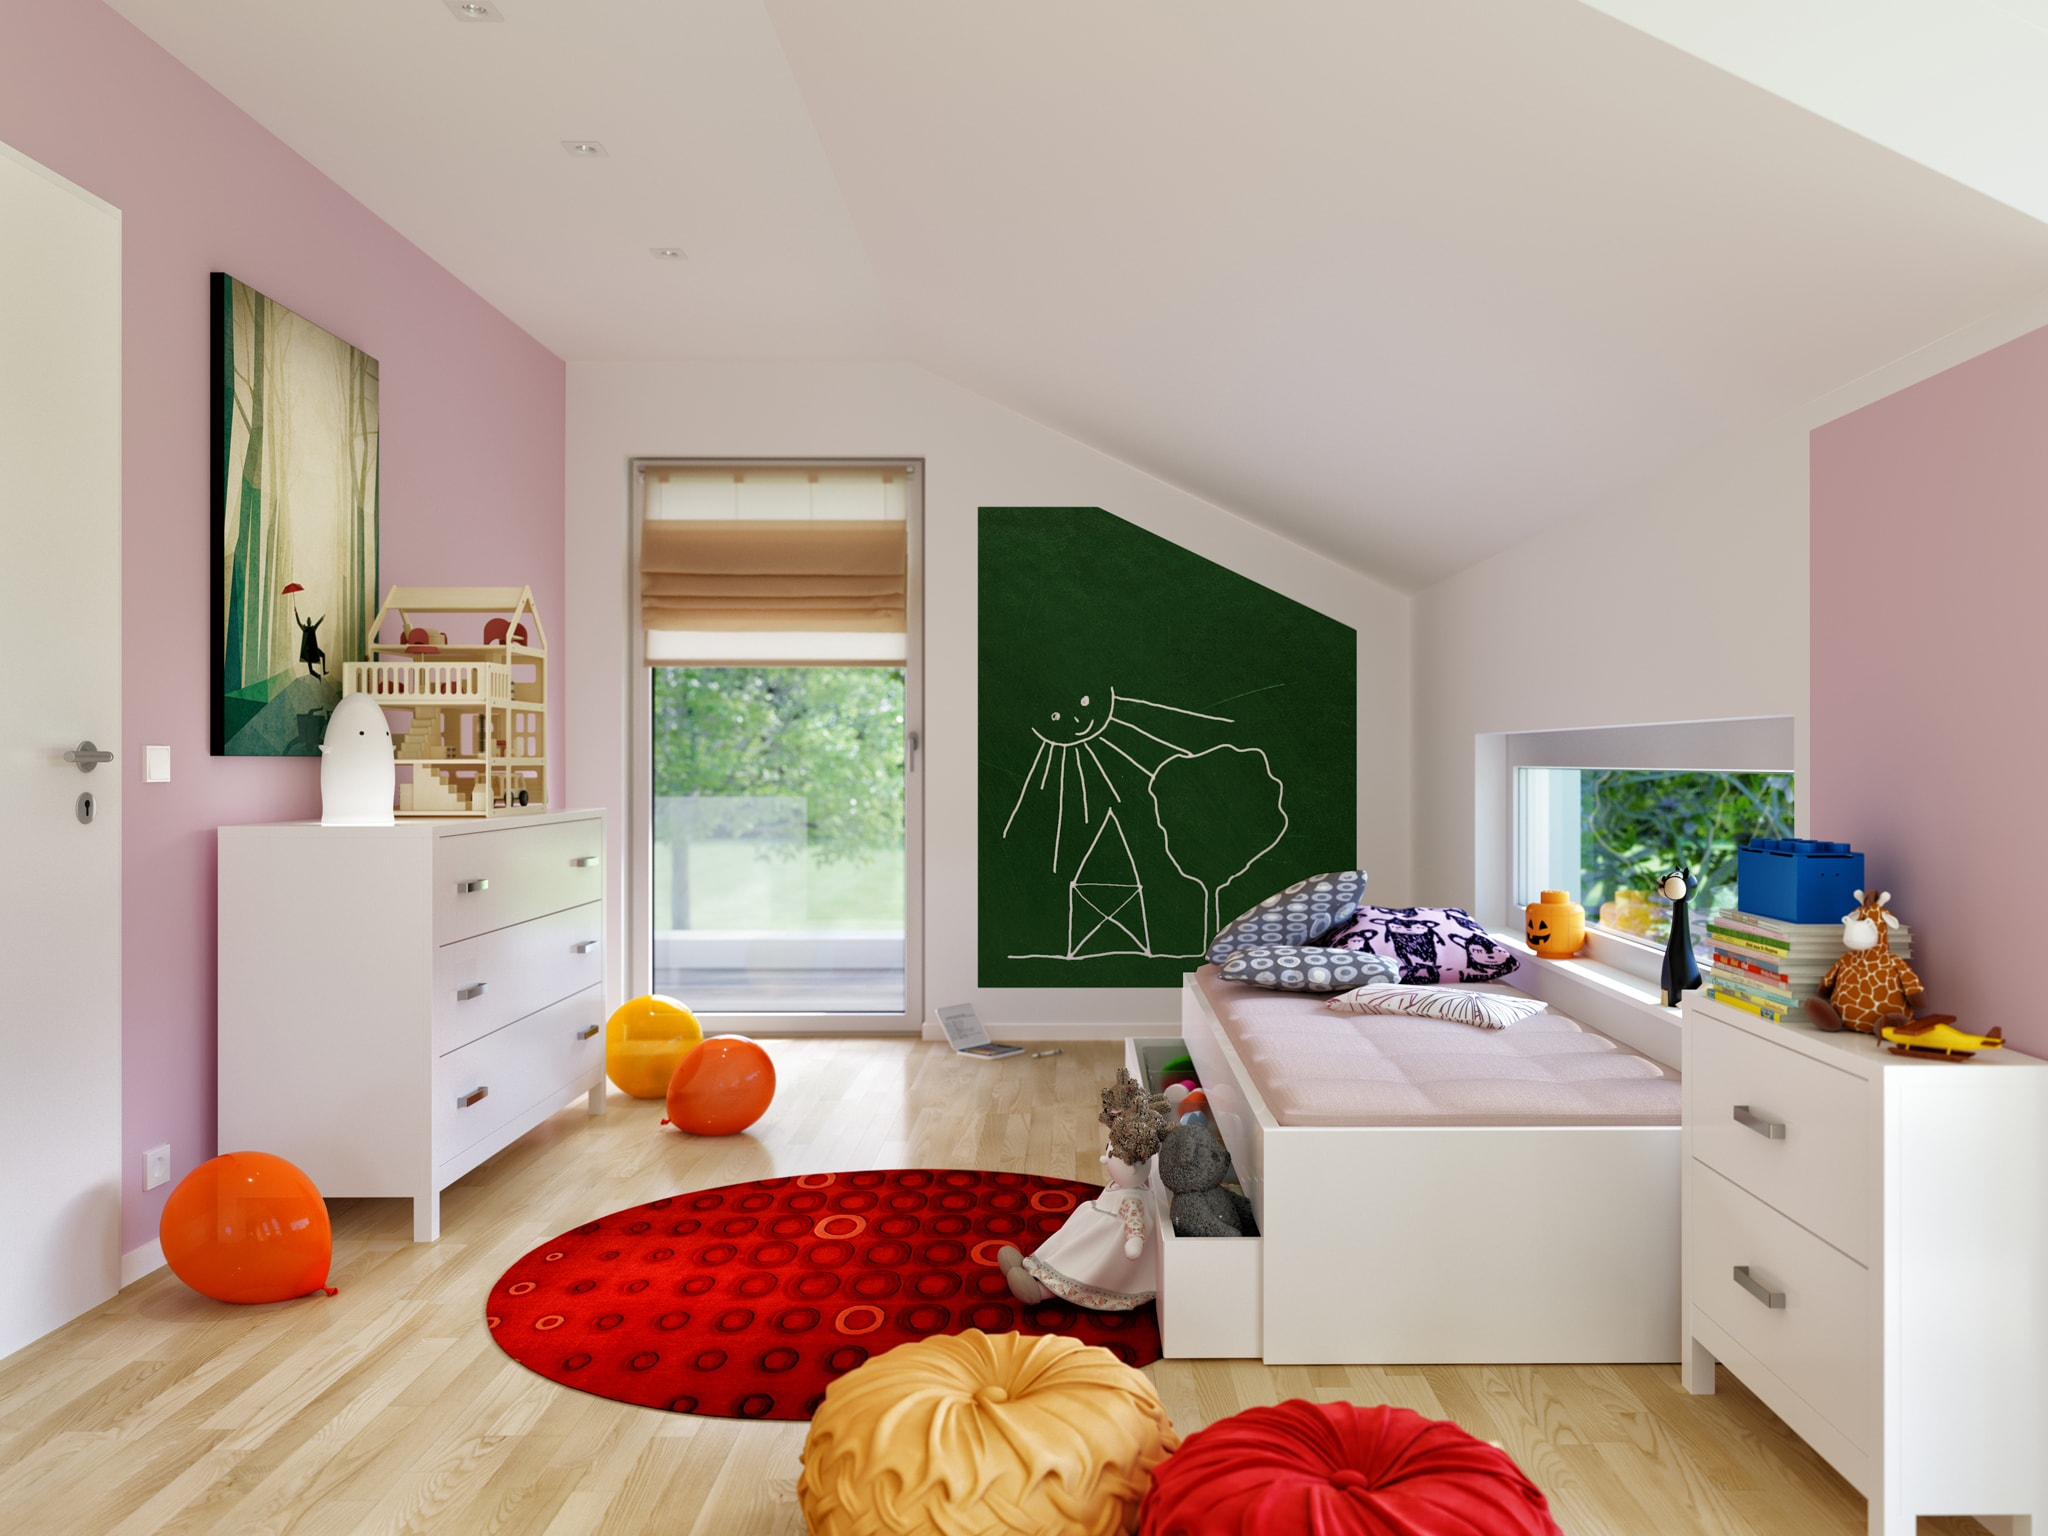 Kinderzimmer mit Dachschräge - Wohnideen Inneneinrichtung Bien Zenker Fertighaus FANTASTIC 162 V4 - HausbauDirekt.de